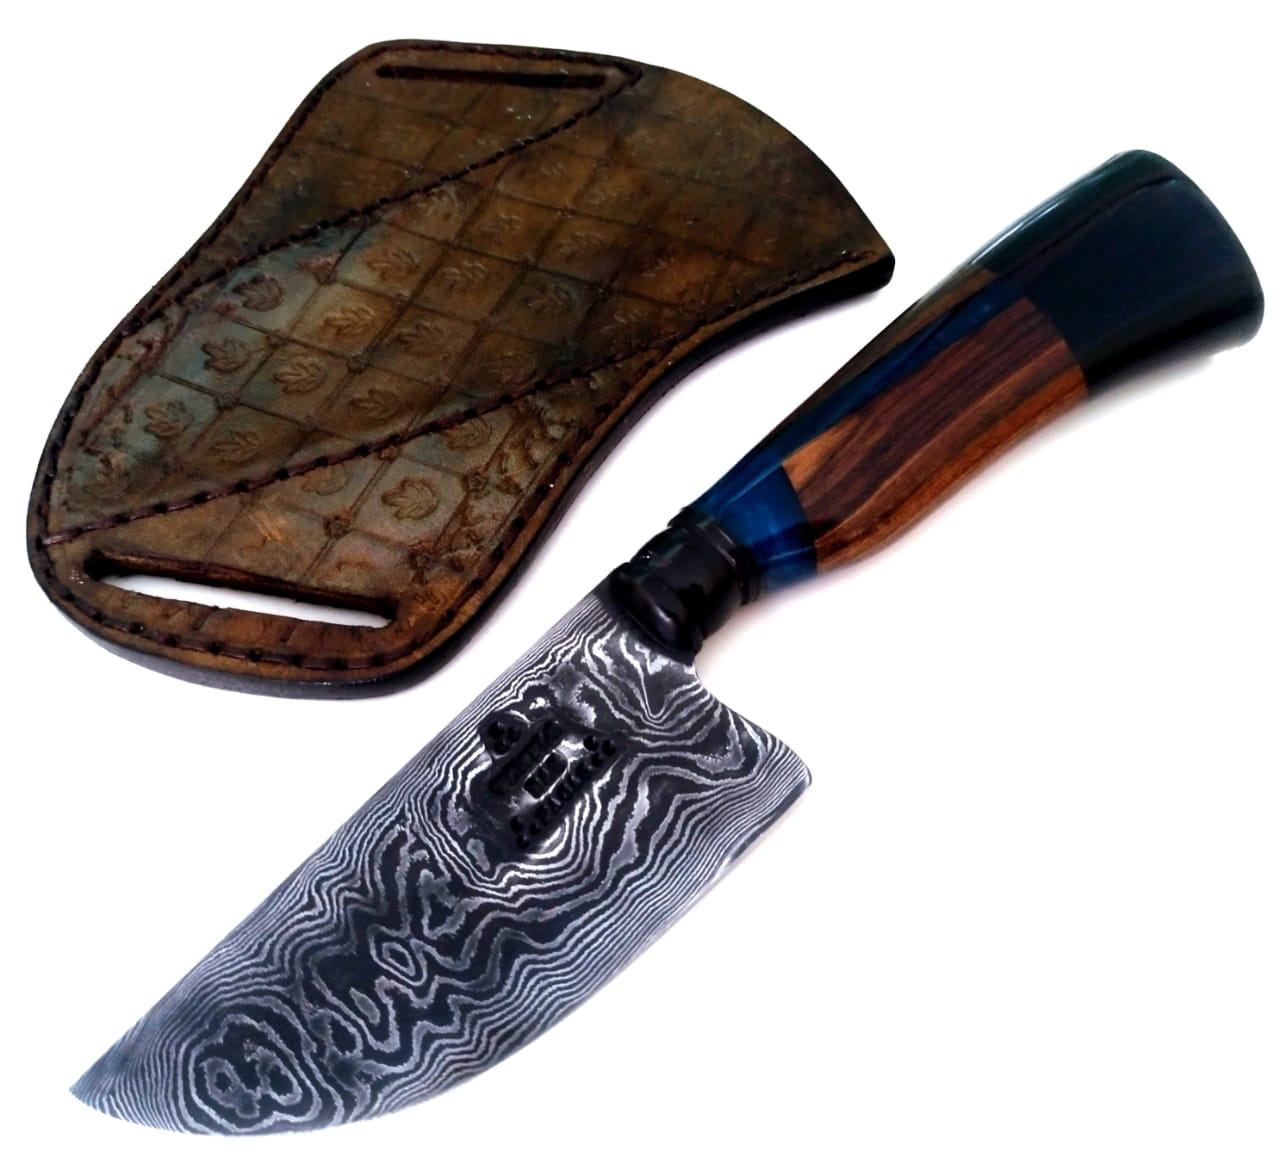 Faca artesanal charuteira forjada em aço de damasco padrão aleatório modificado 4 polegadas